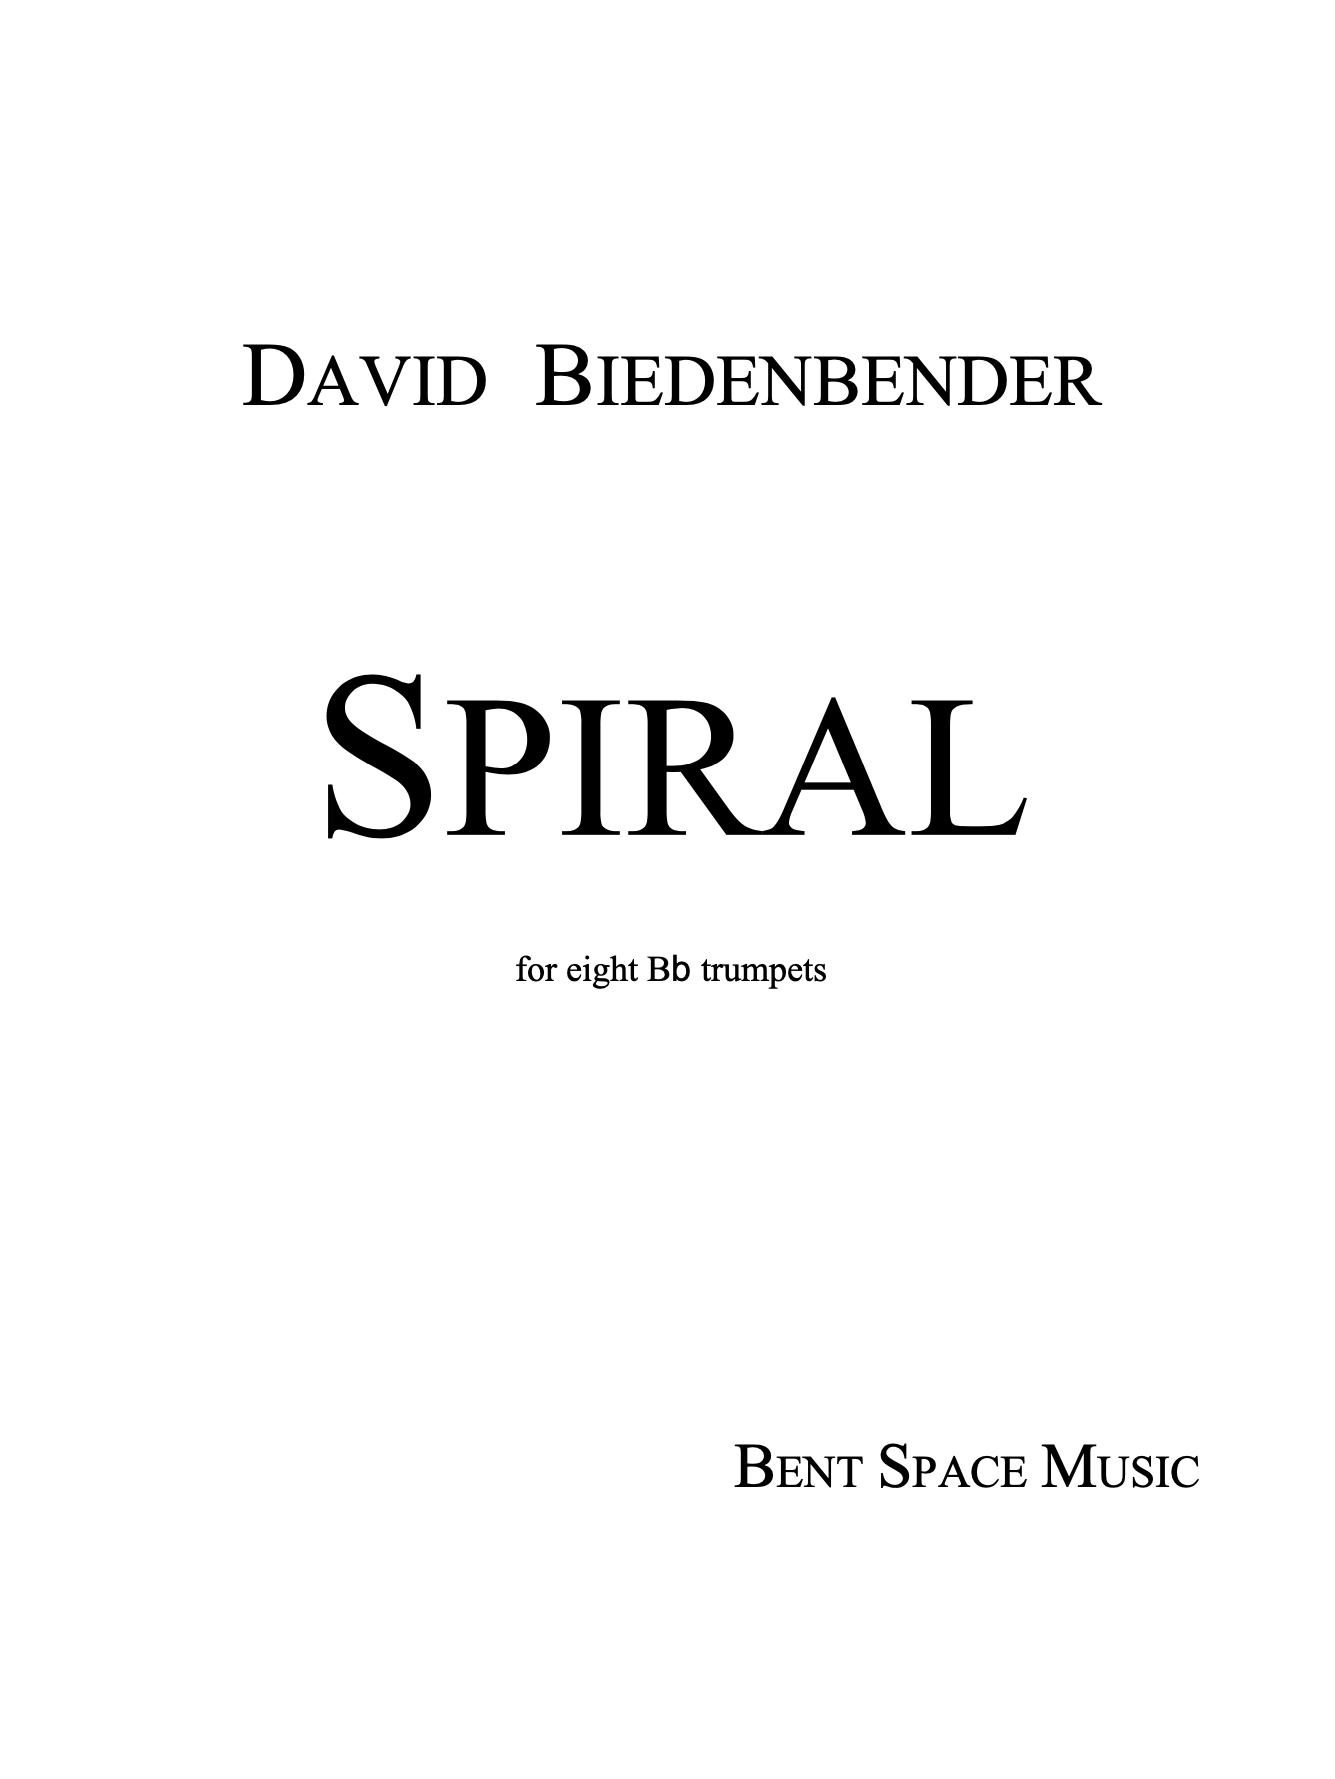 Spiral by David Biedenbender